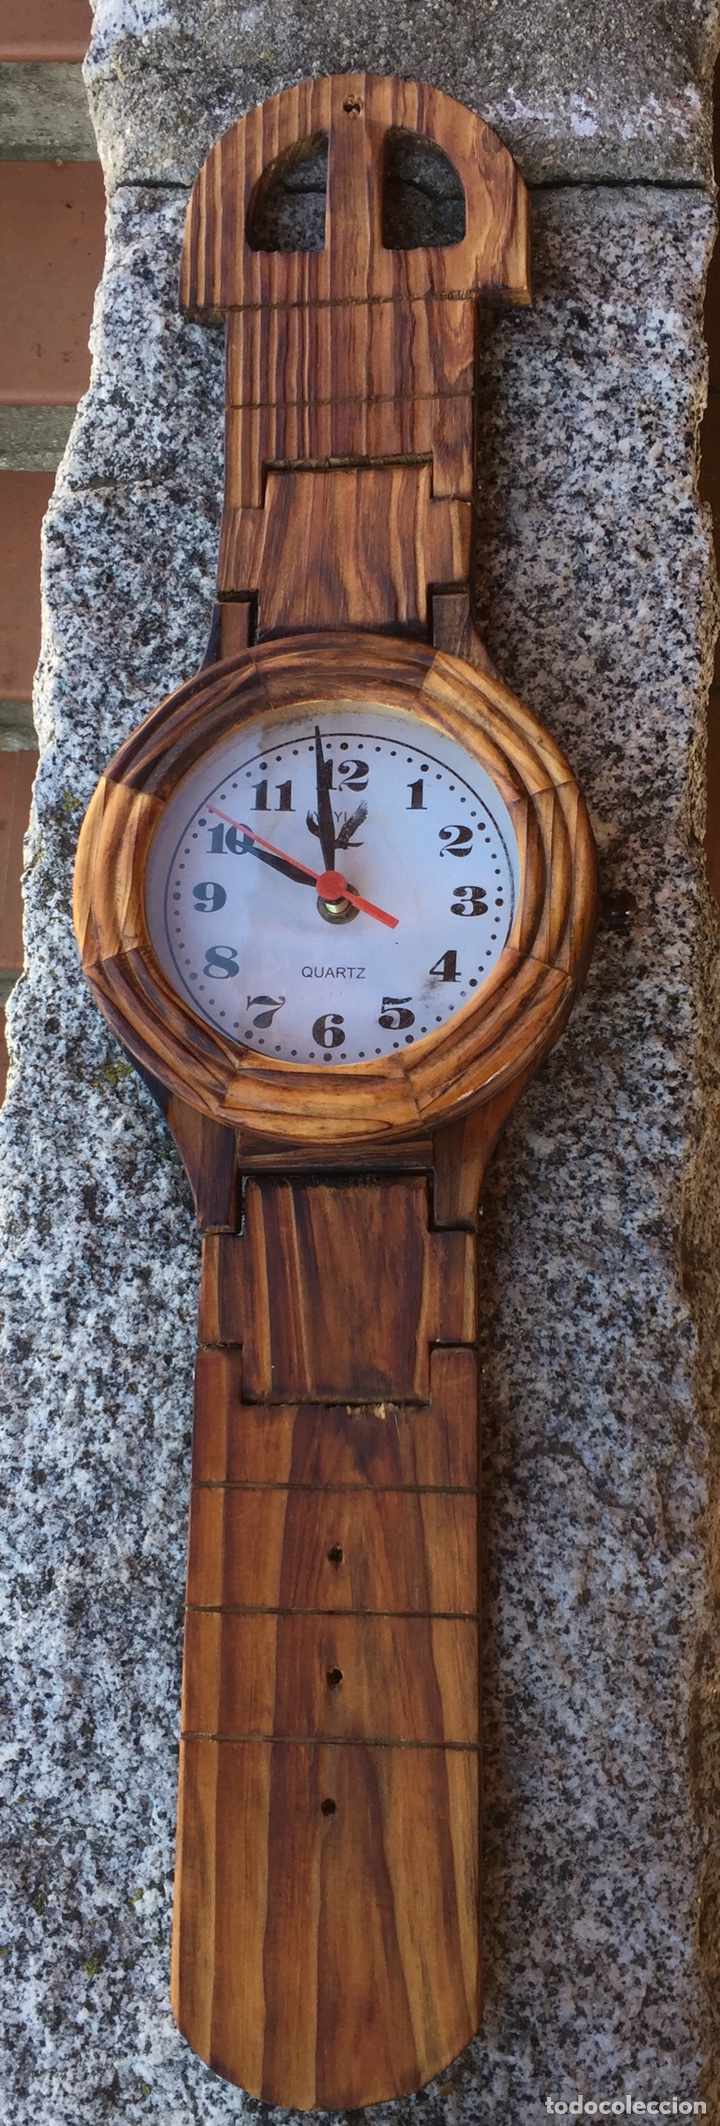 RELOJ DE PARED EN FORMA DE RELOJ DE BOLSILLO DE MADERA.QUARTZ (Relojes - Pared Carga Manual)